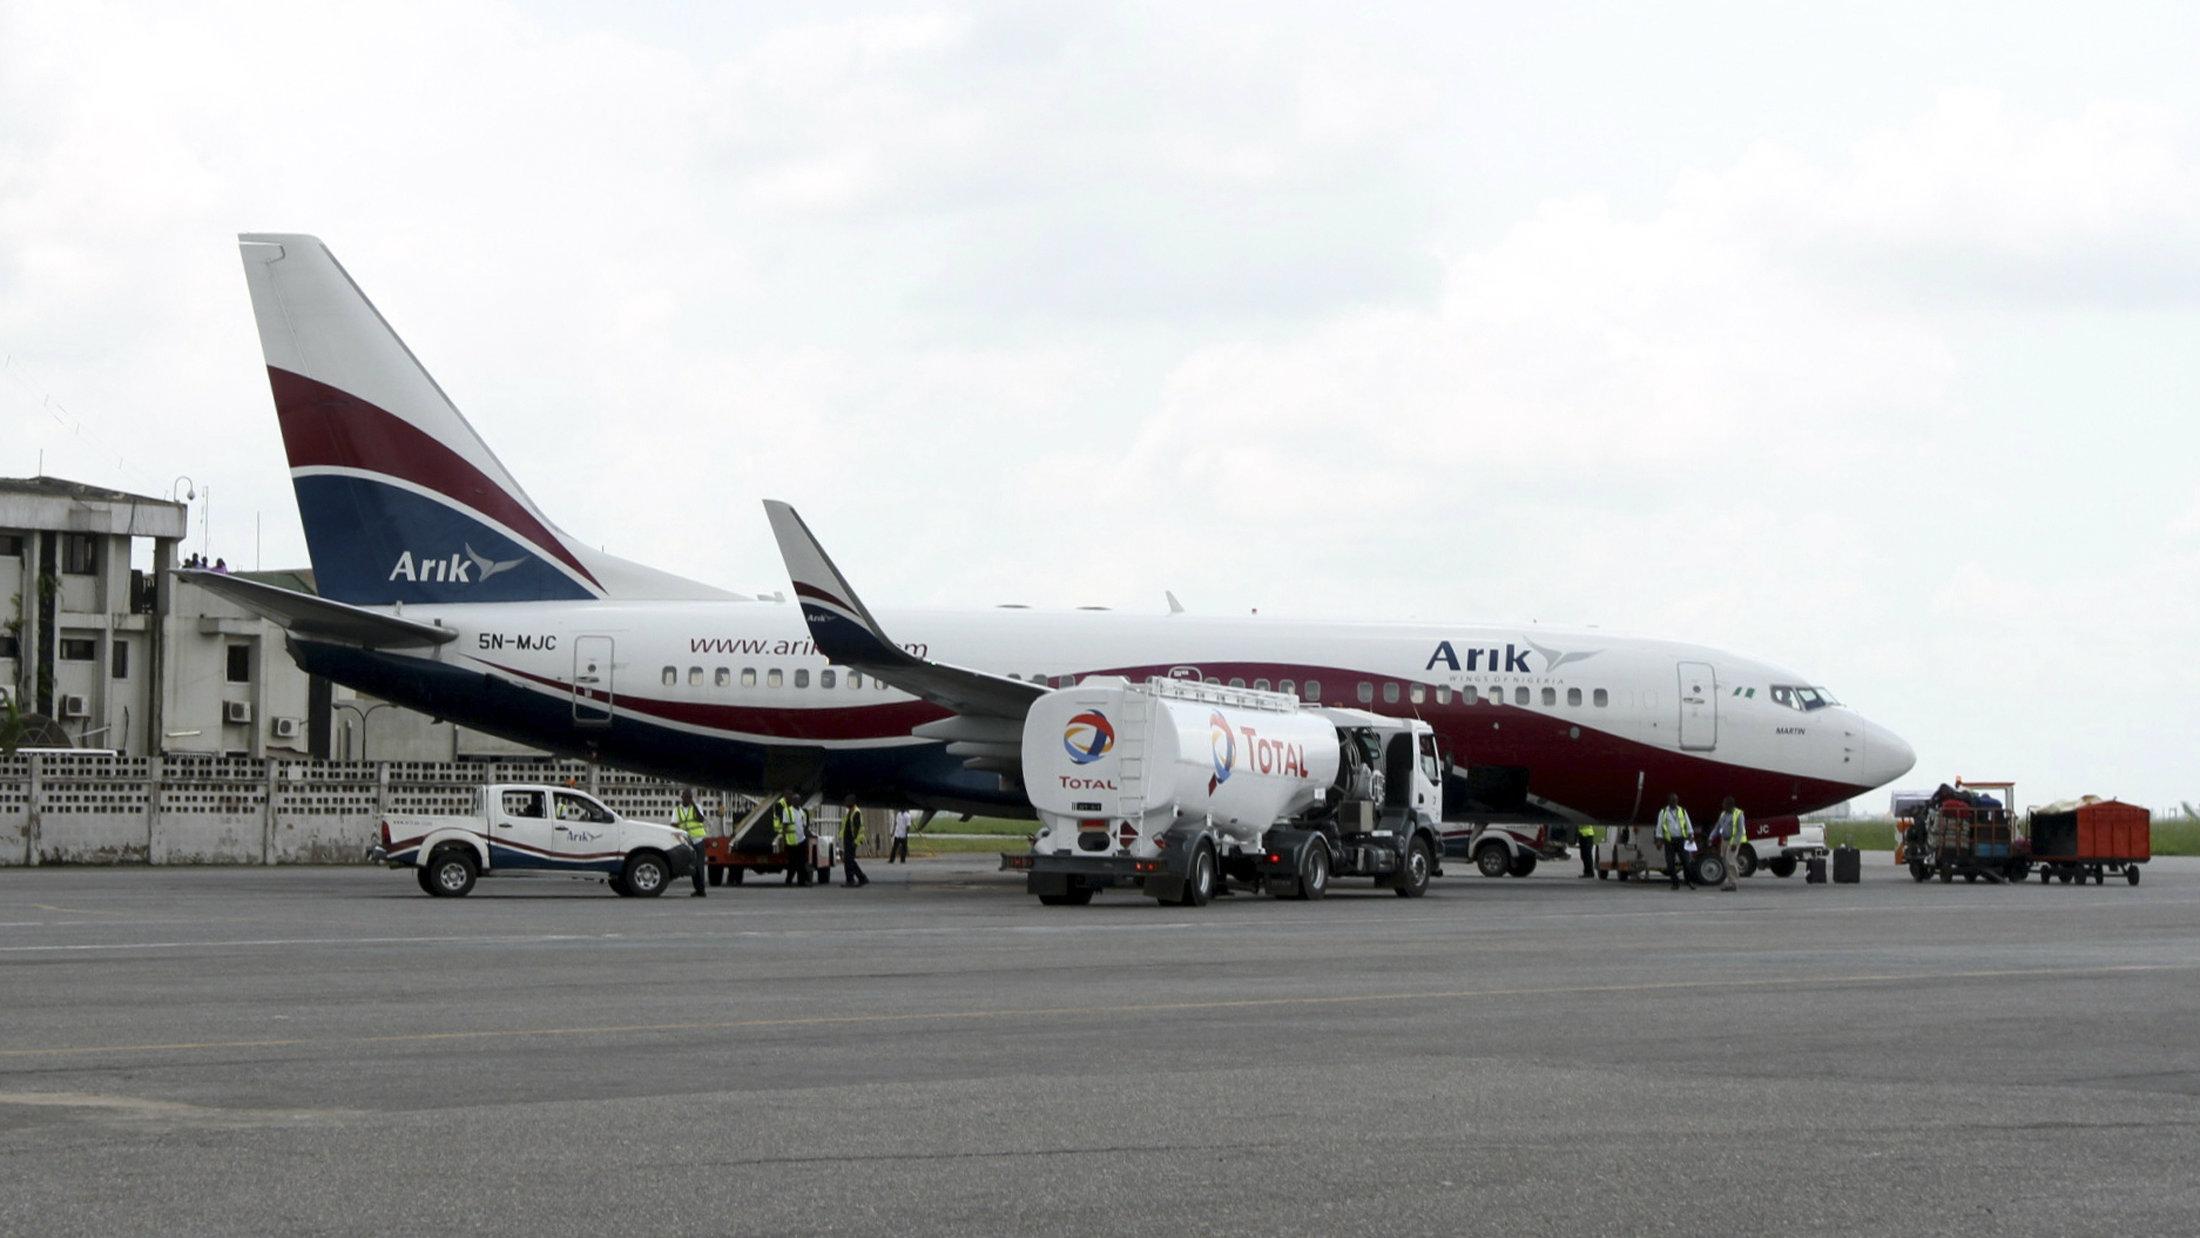 an-arik-air-plane